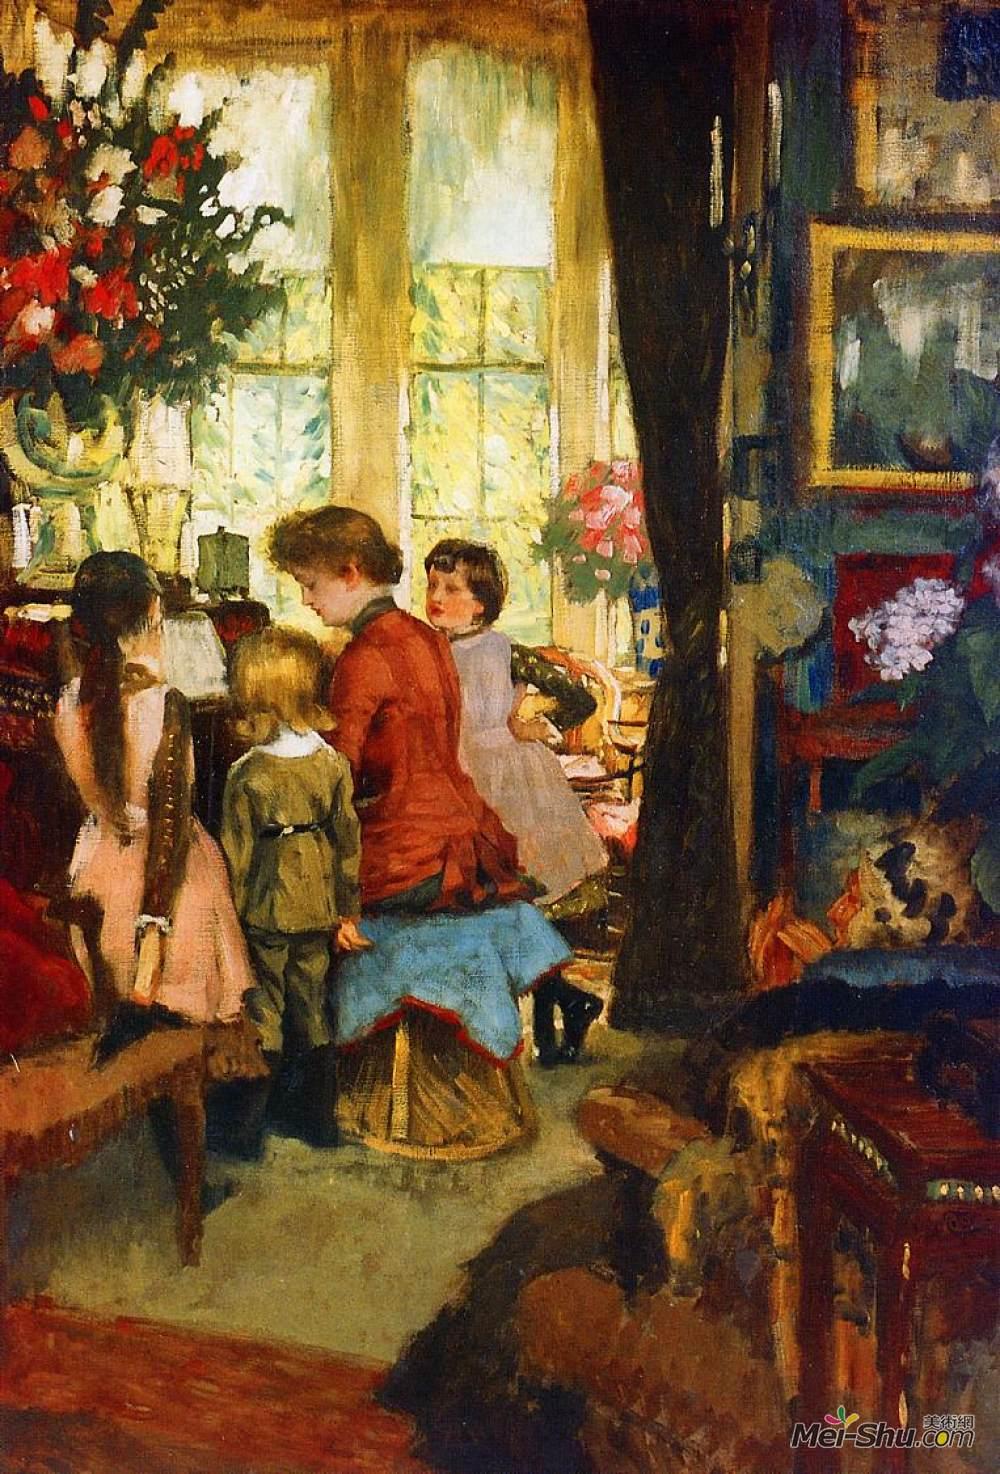 雅姆·蒂索(James Tissot)高清作品《Kathleen Newton at the Piano》